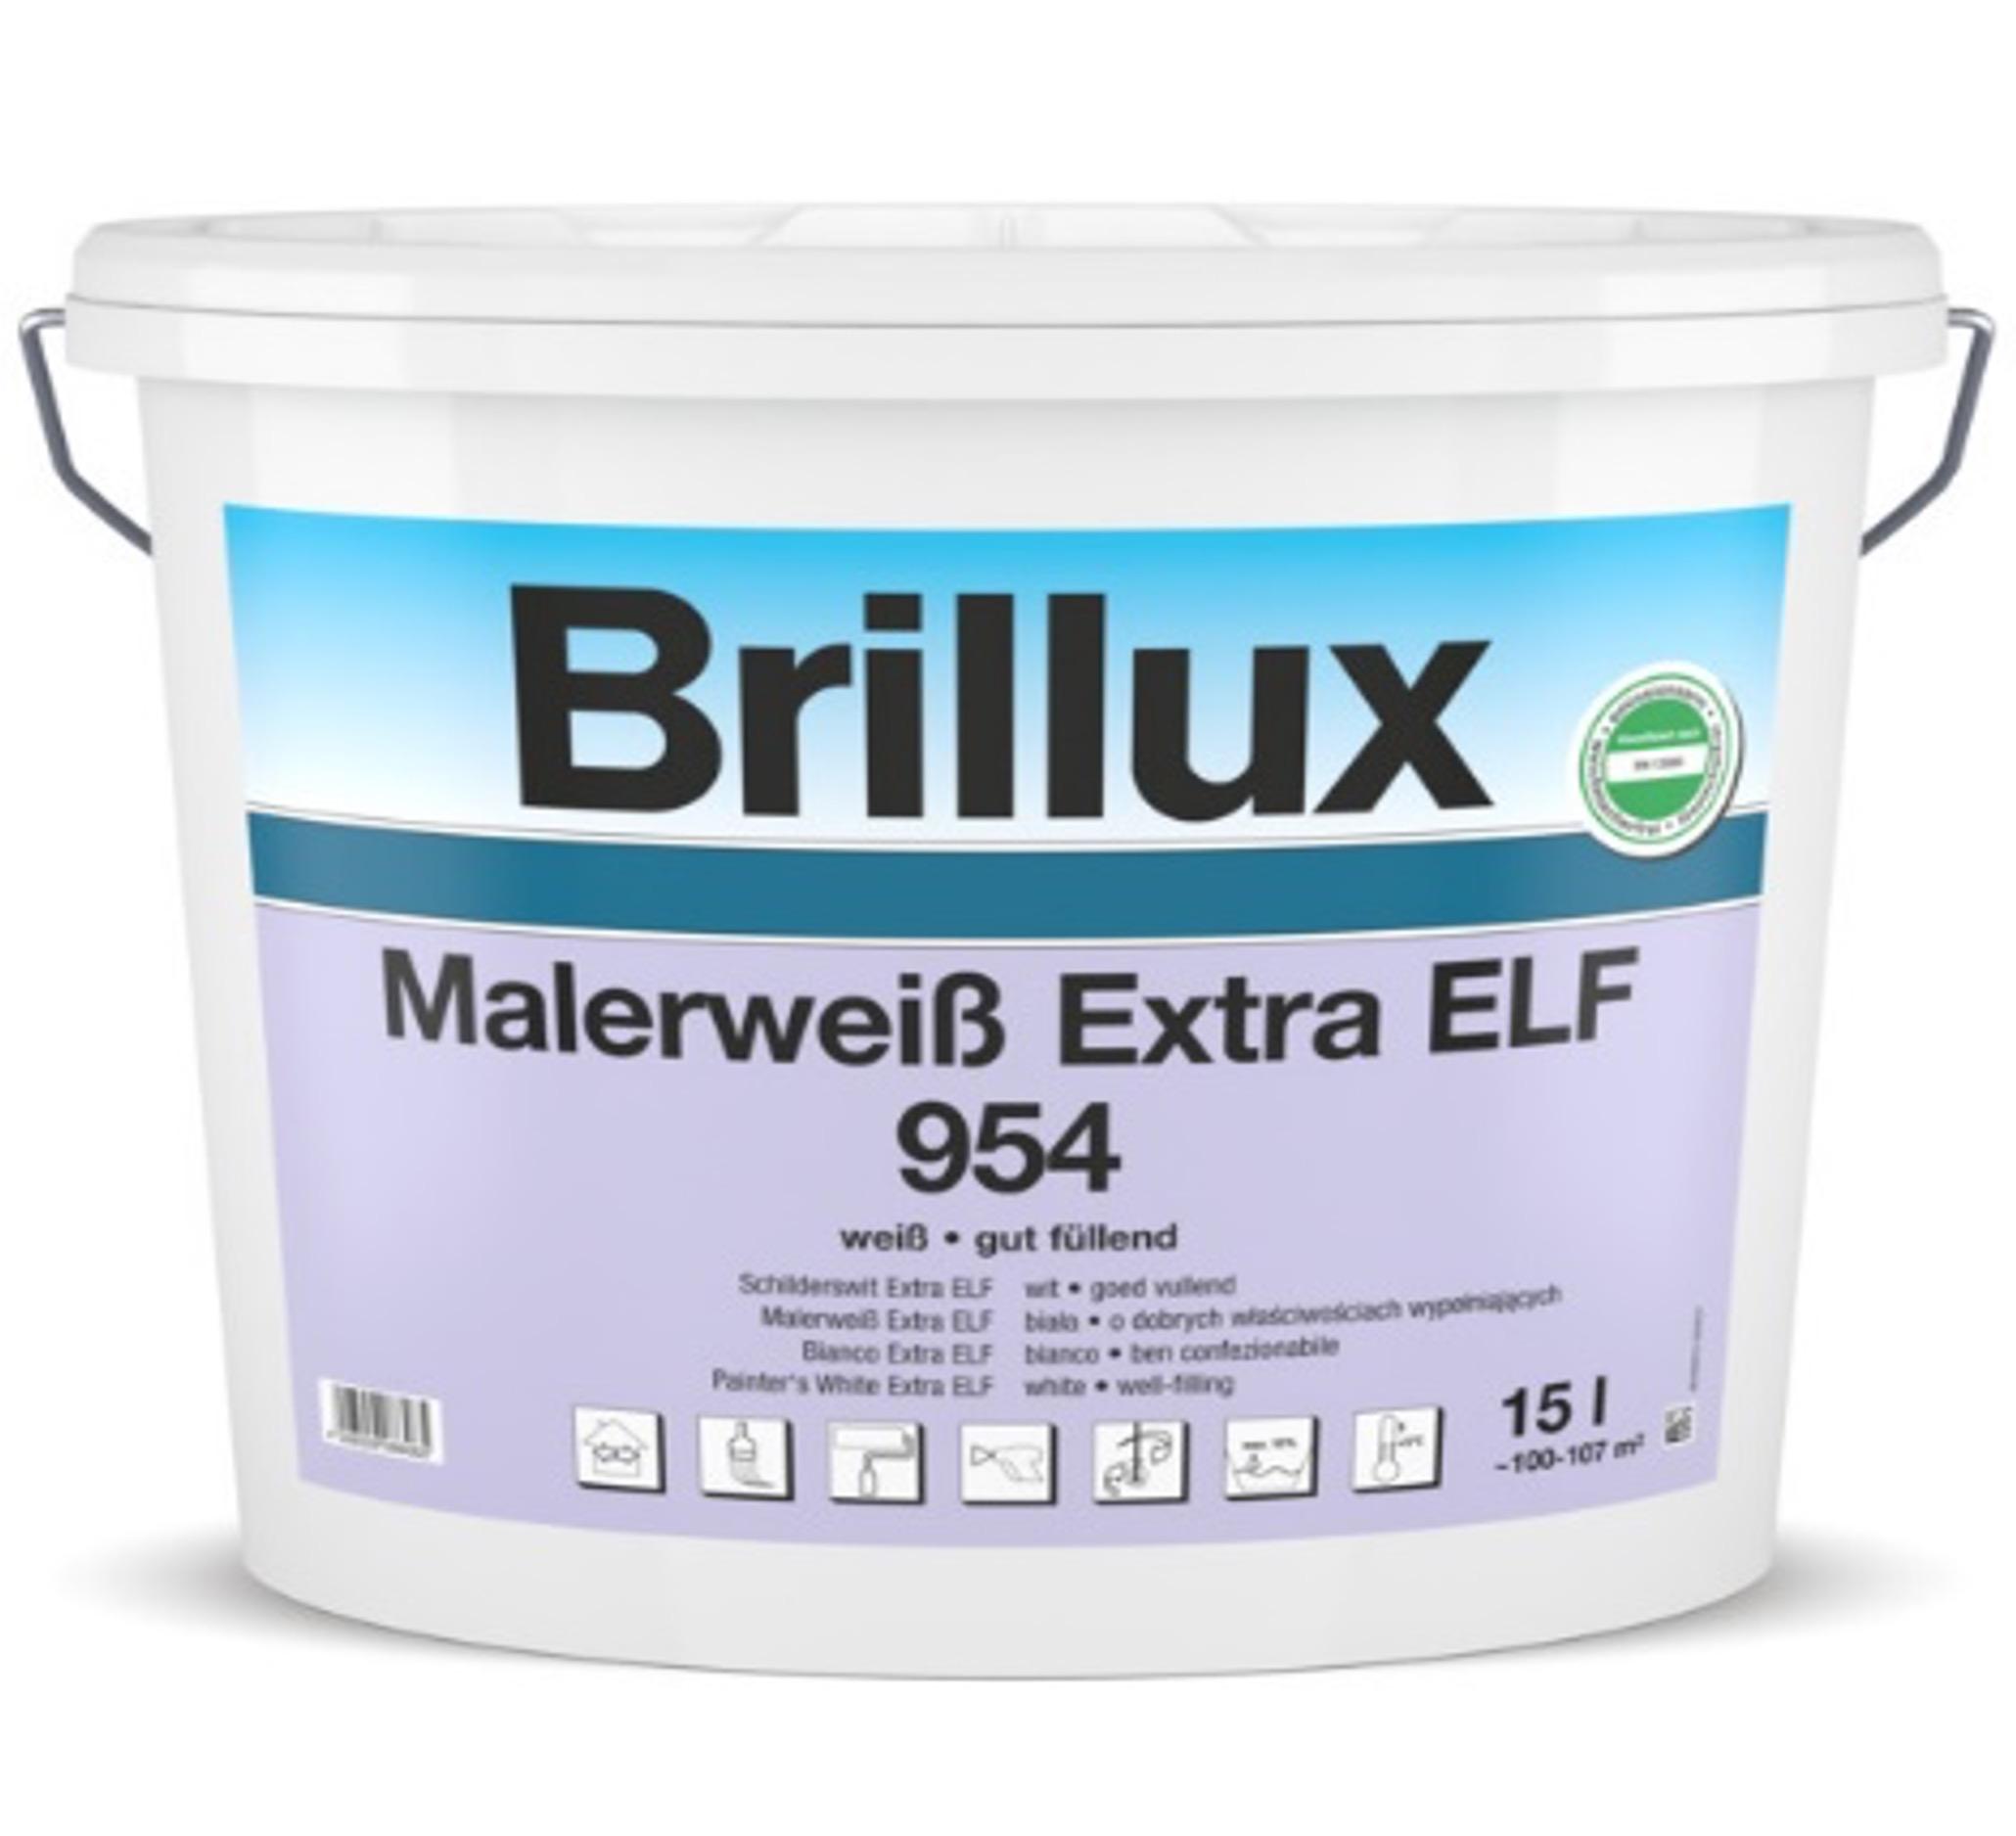 Brillux Malerweiß 954 Wand- und Deckenfarbe Image